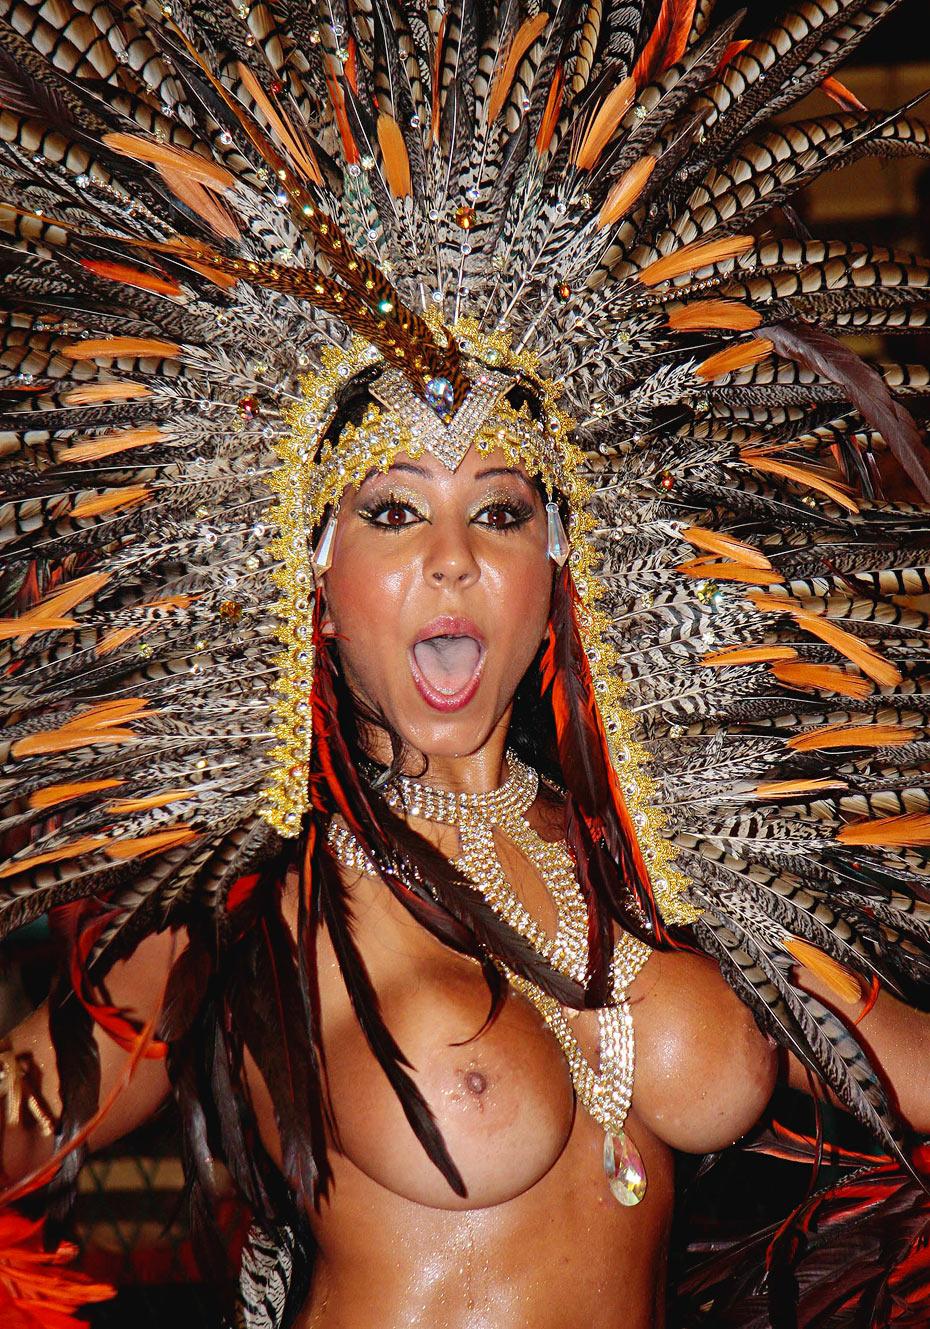 бразилия карнавал фото девушек порно